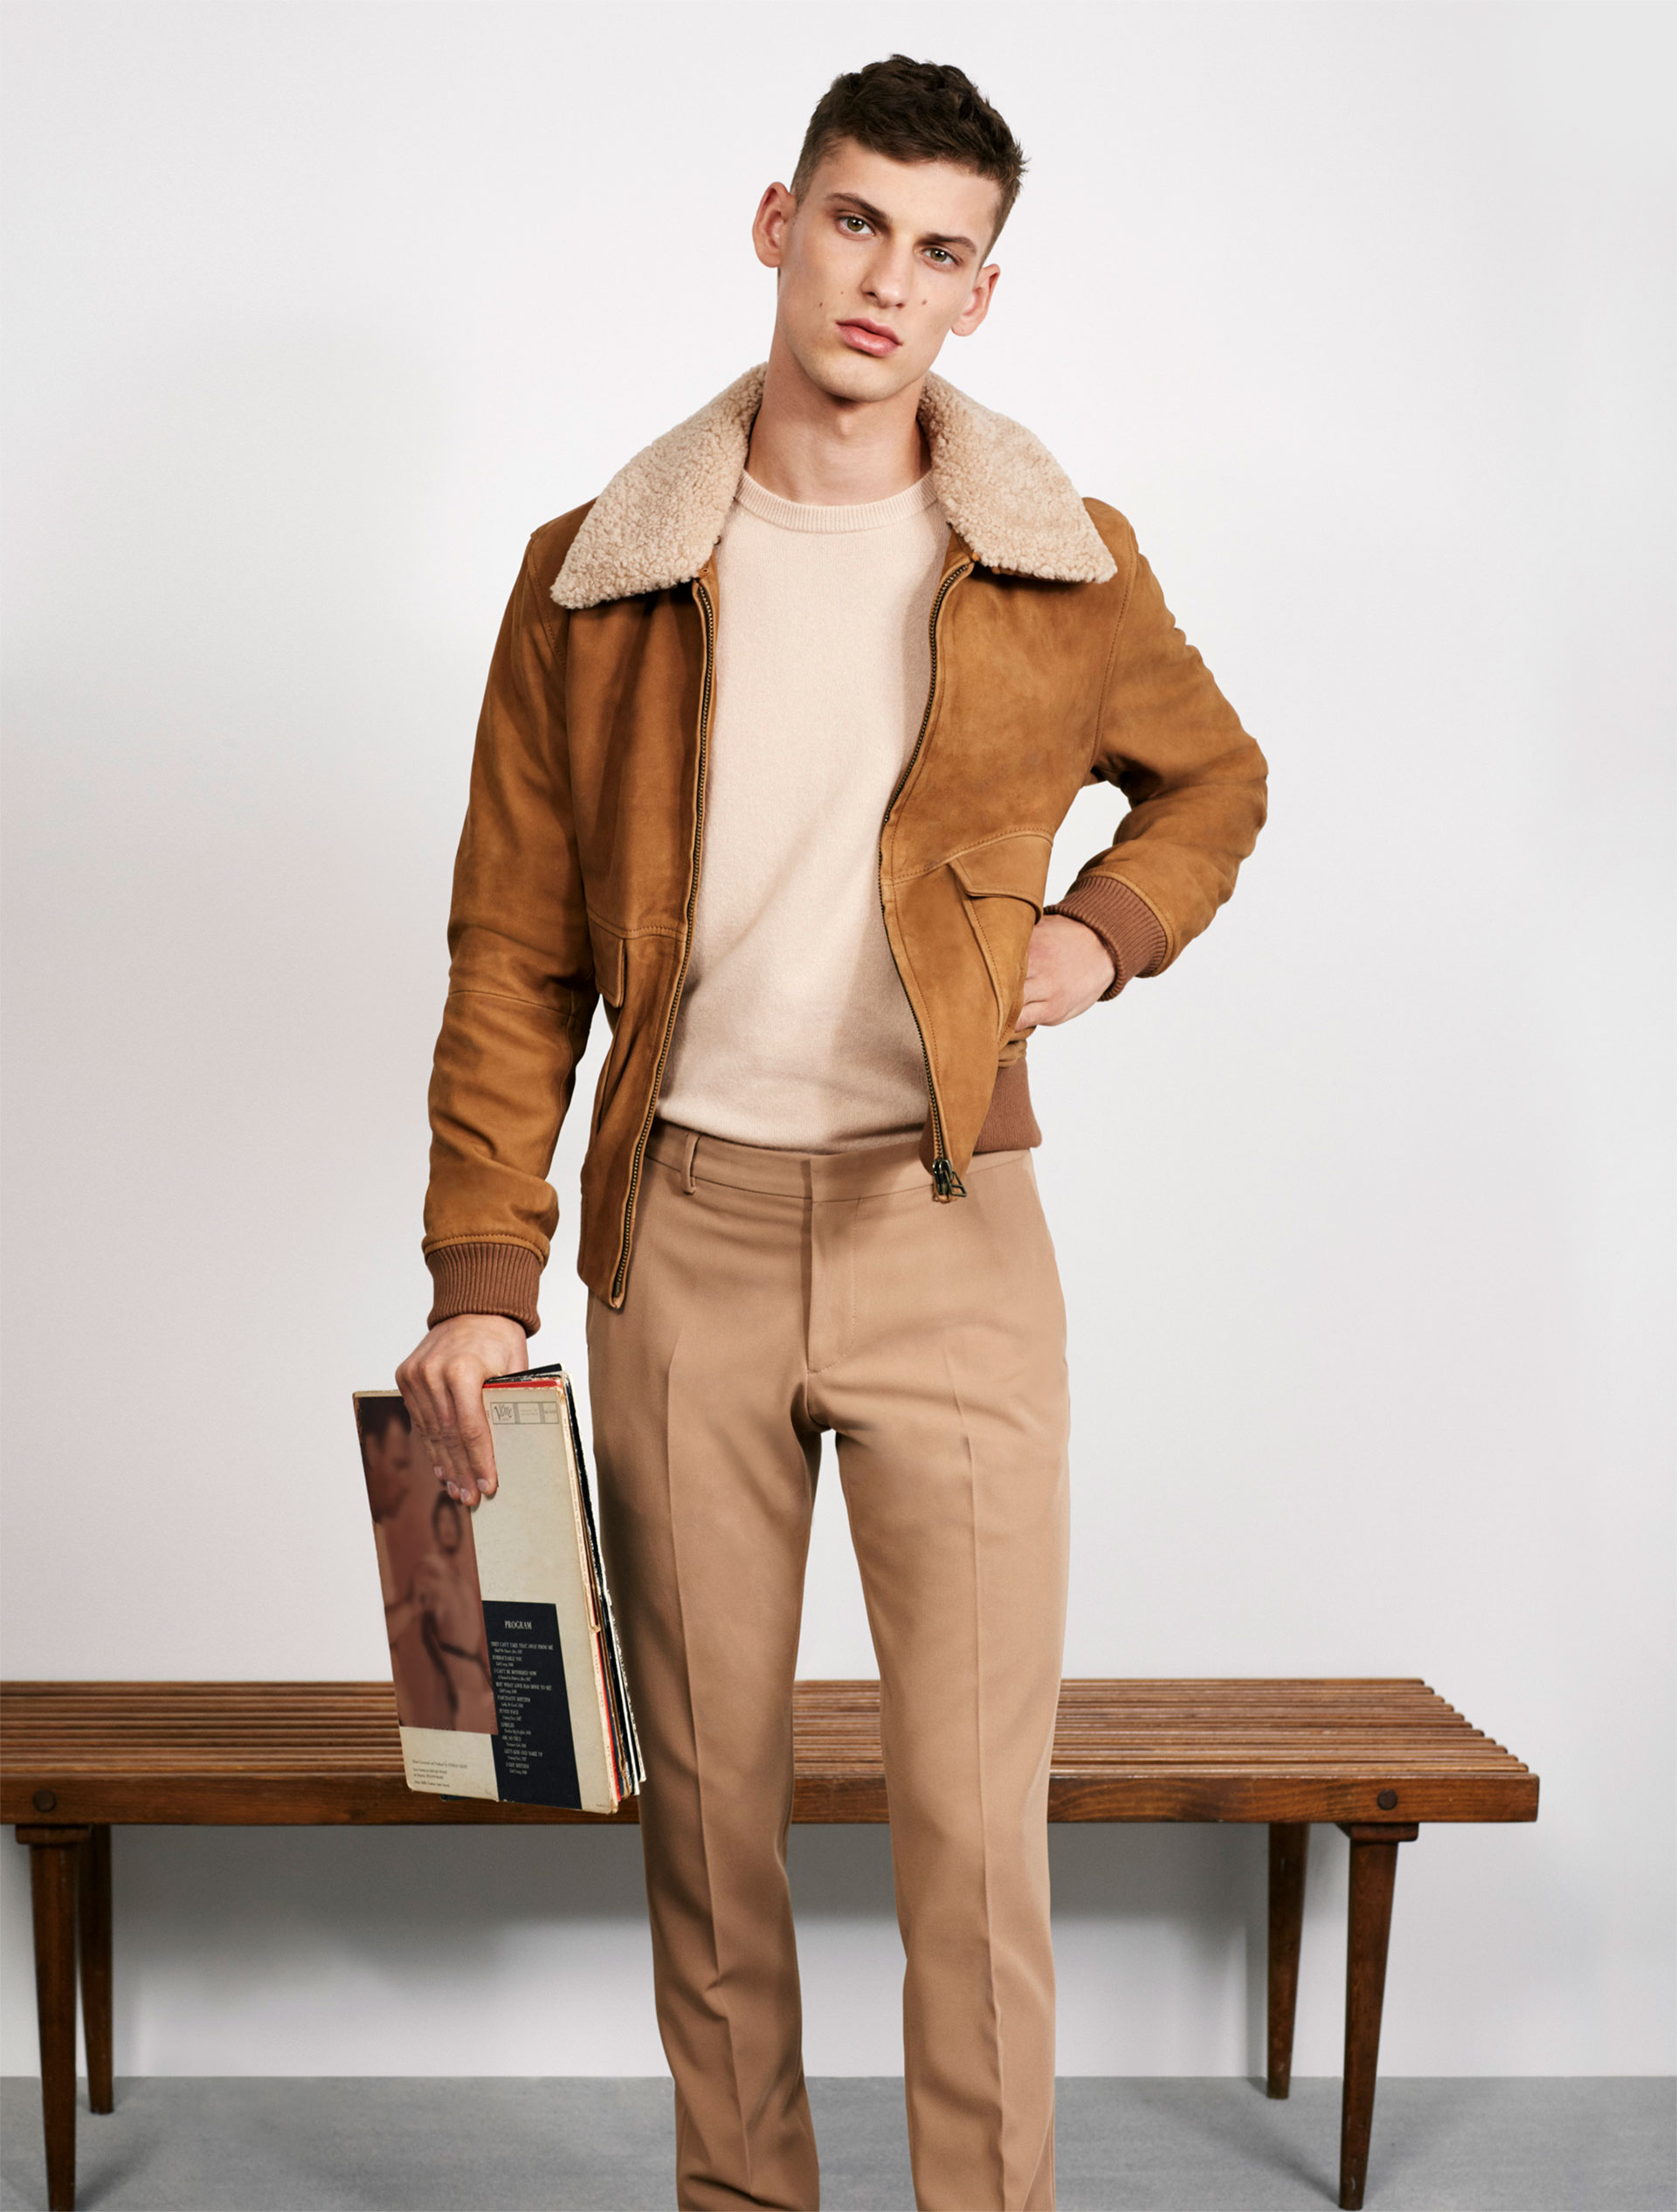 Zara Unveils Autumn Neutrals Editorial